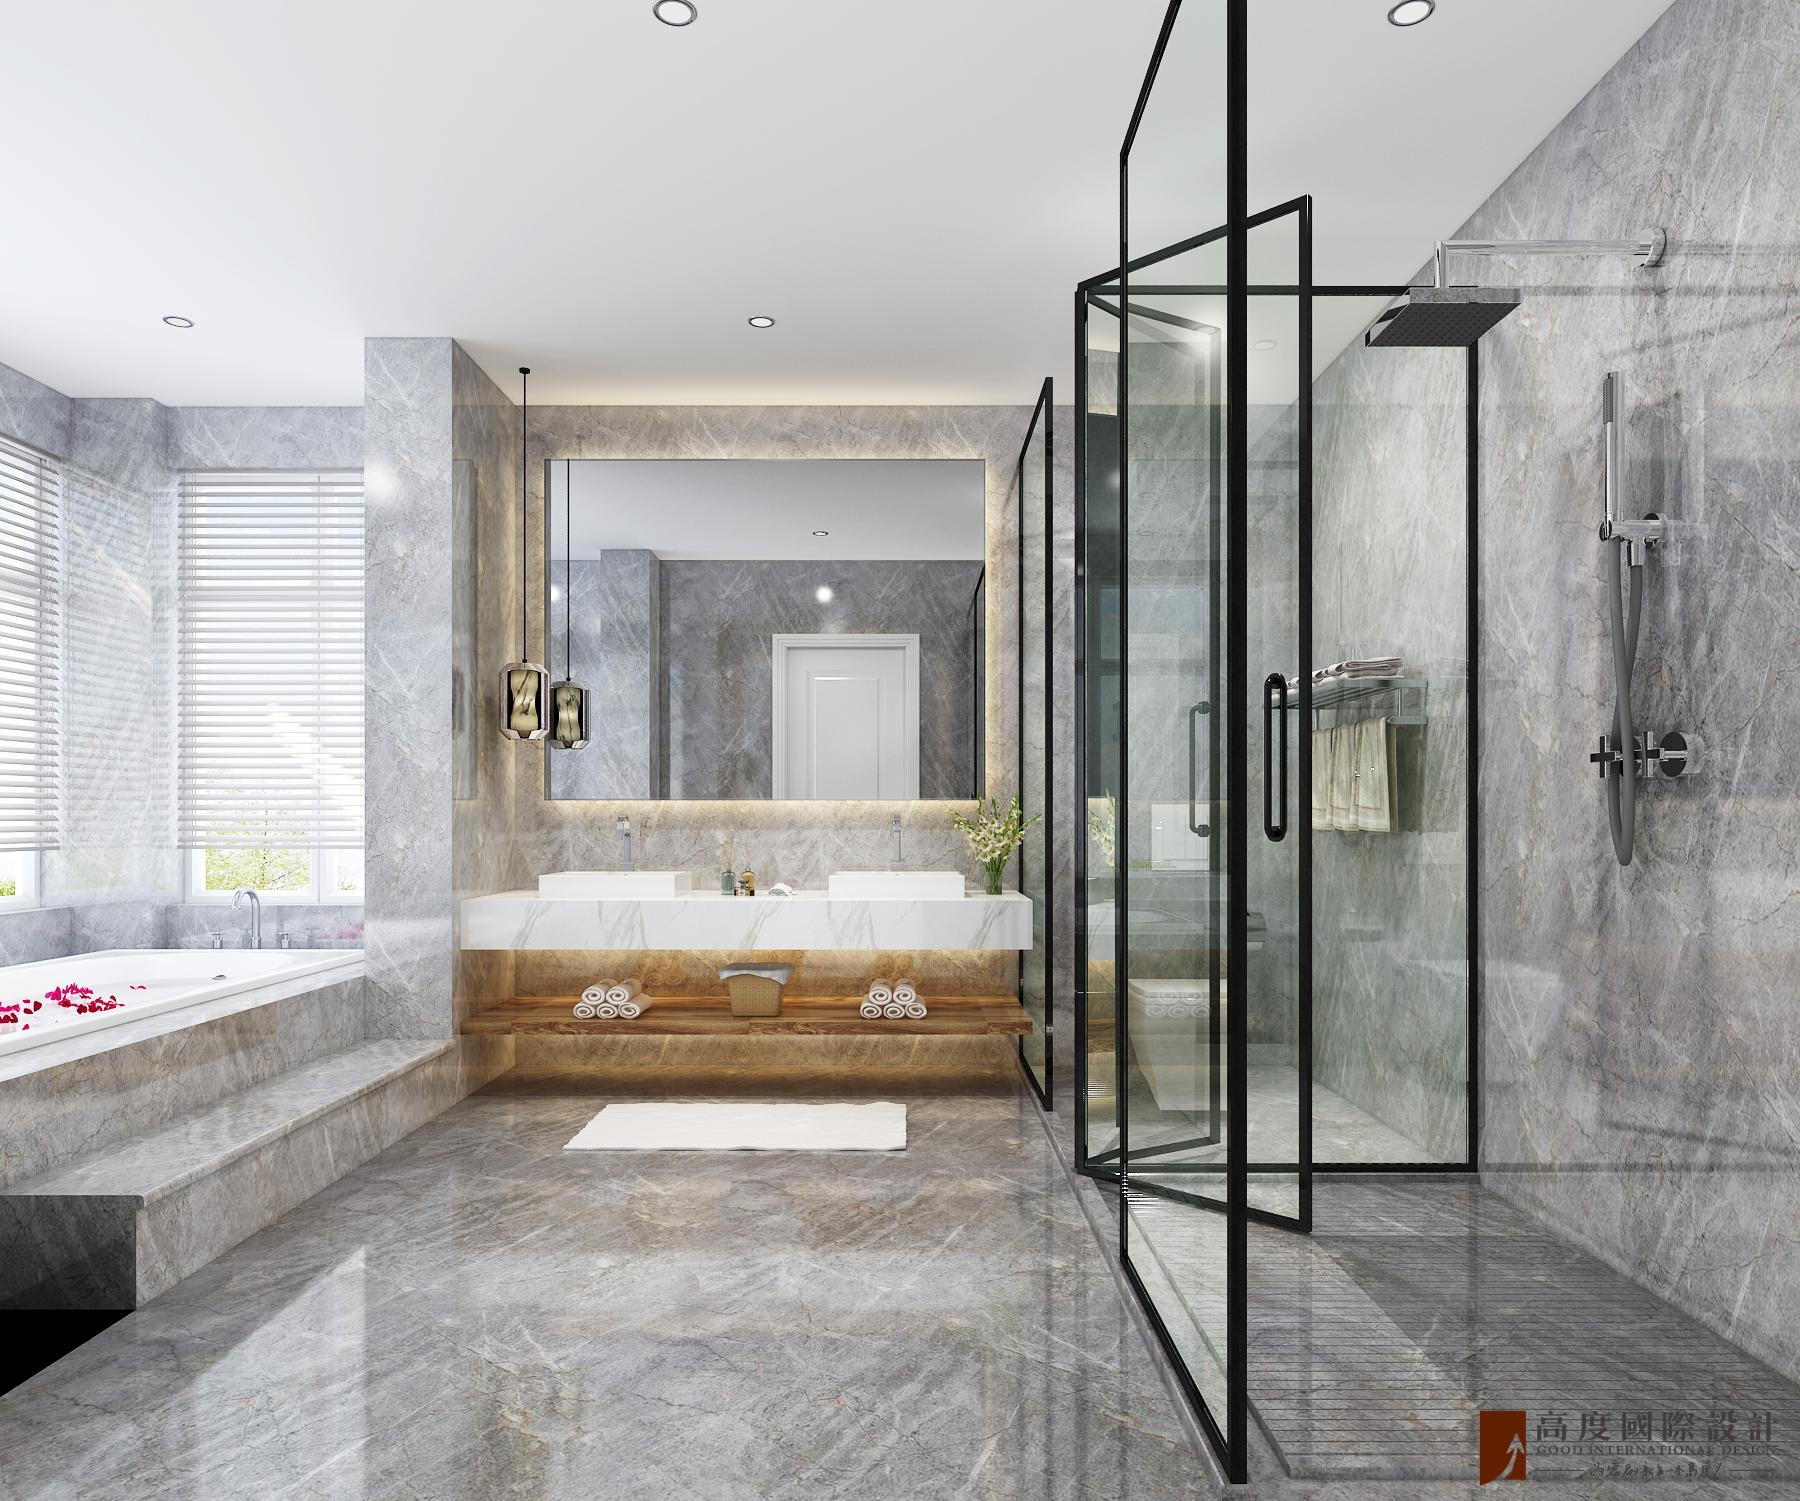 别墅 复式 跃层 大户型 80后 小资 卫生间图片来自高度国际姚吉智在金科王府500平米北欧极简主义的分享